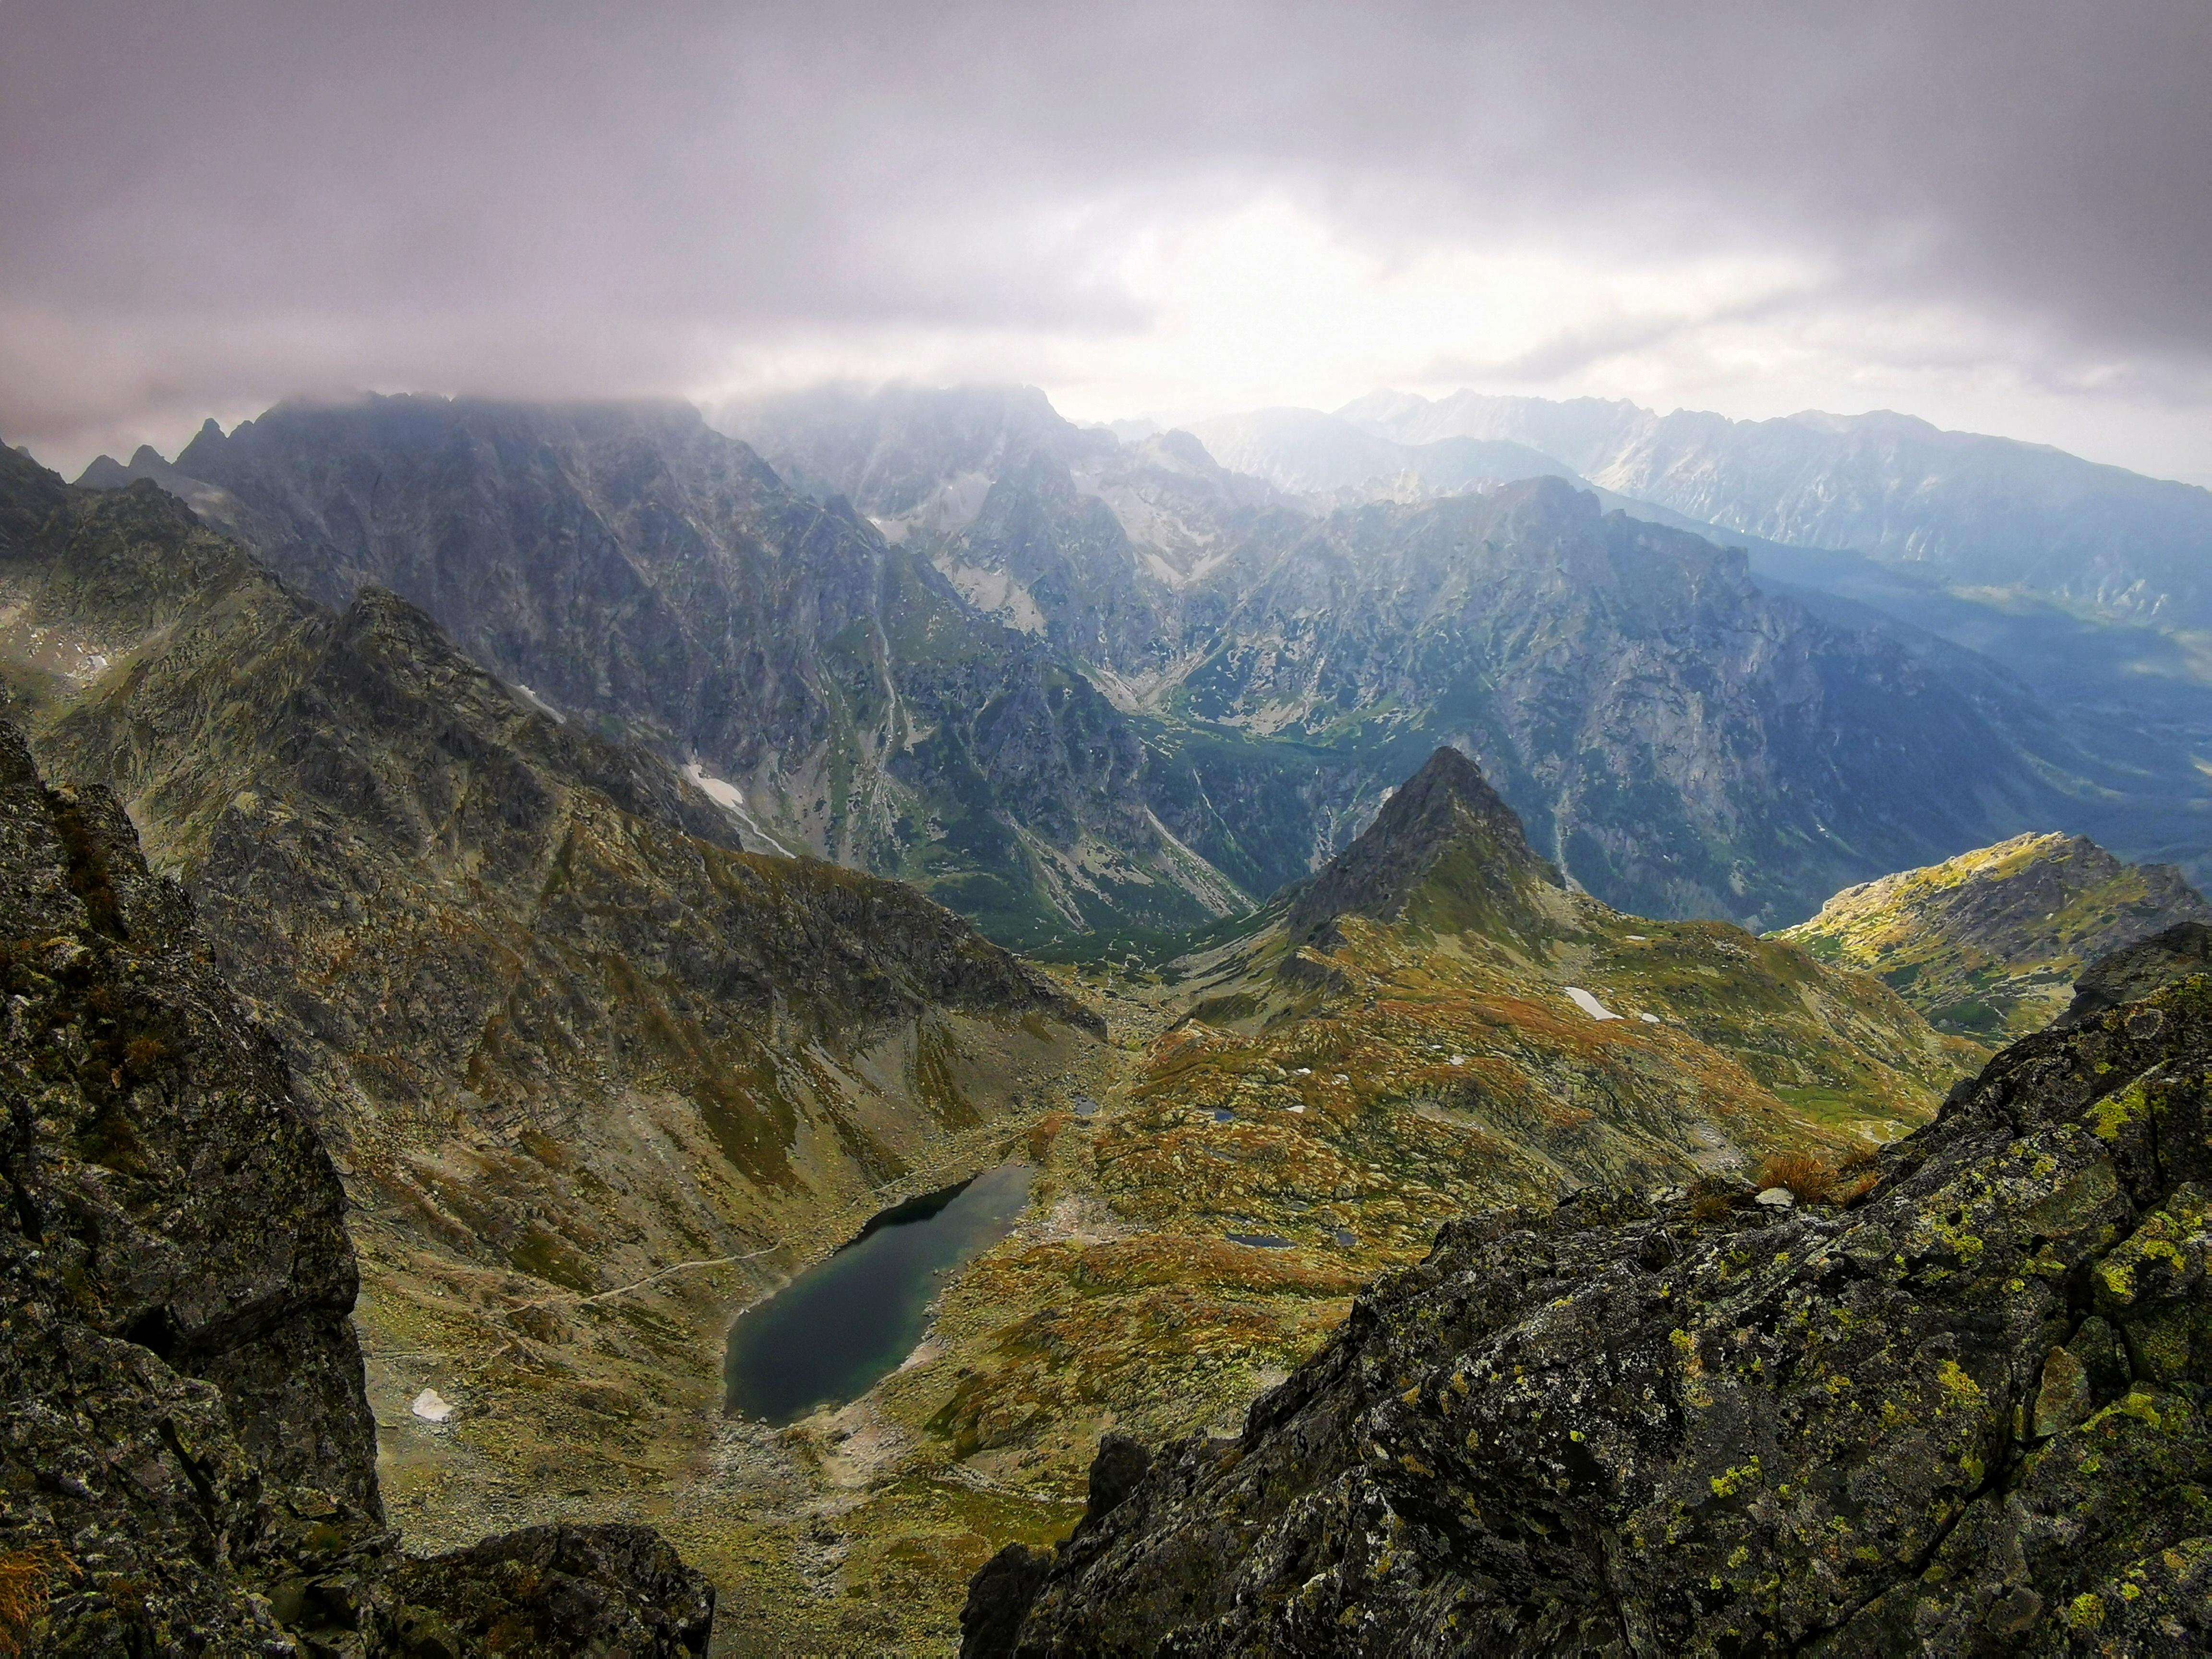 The view from Východná Vysoká.